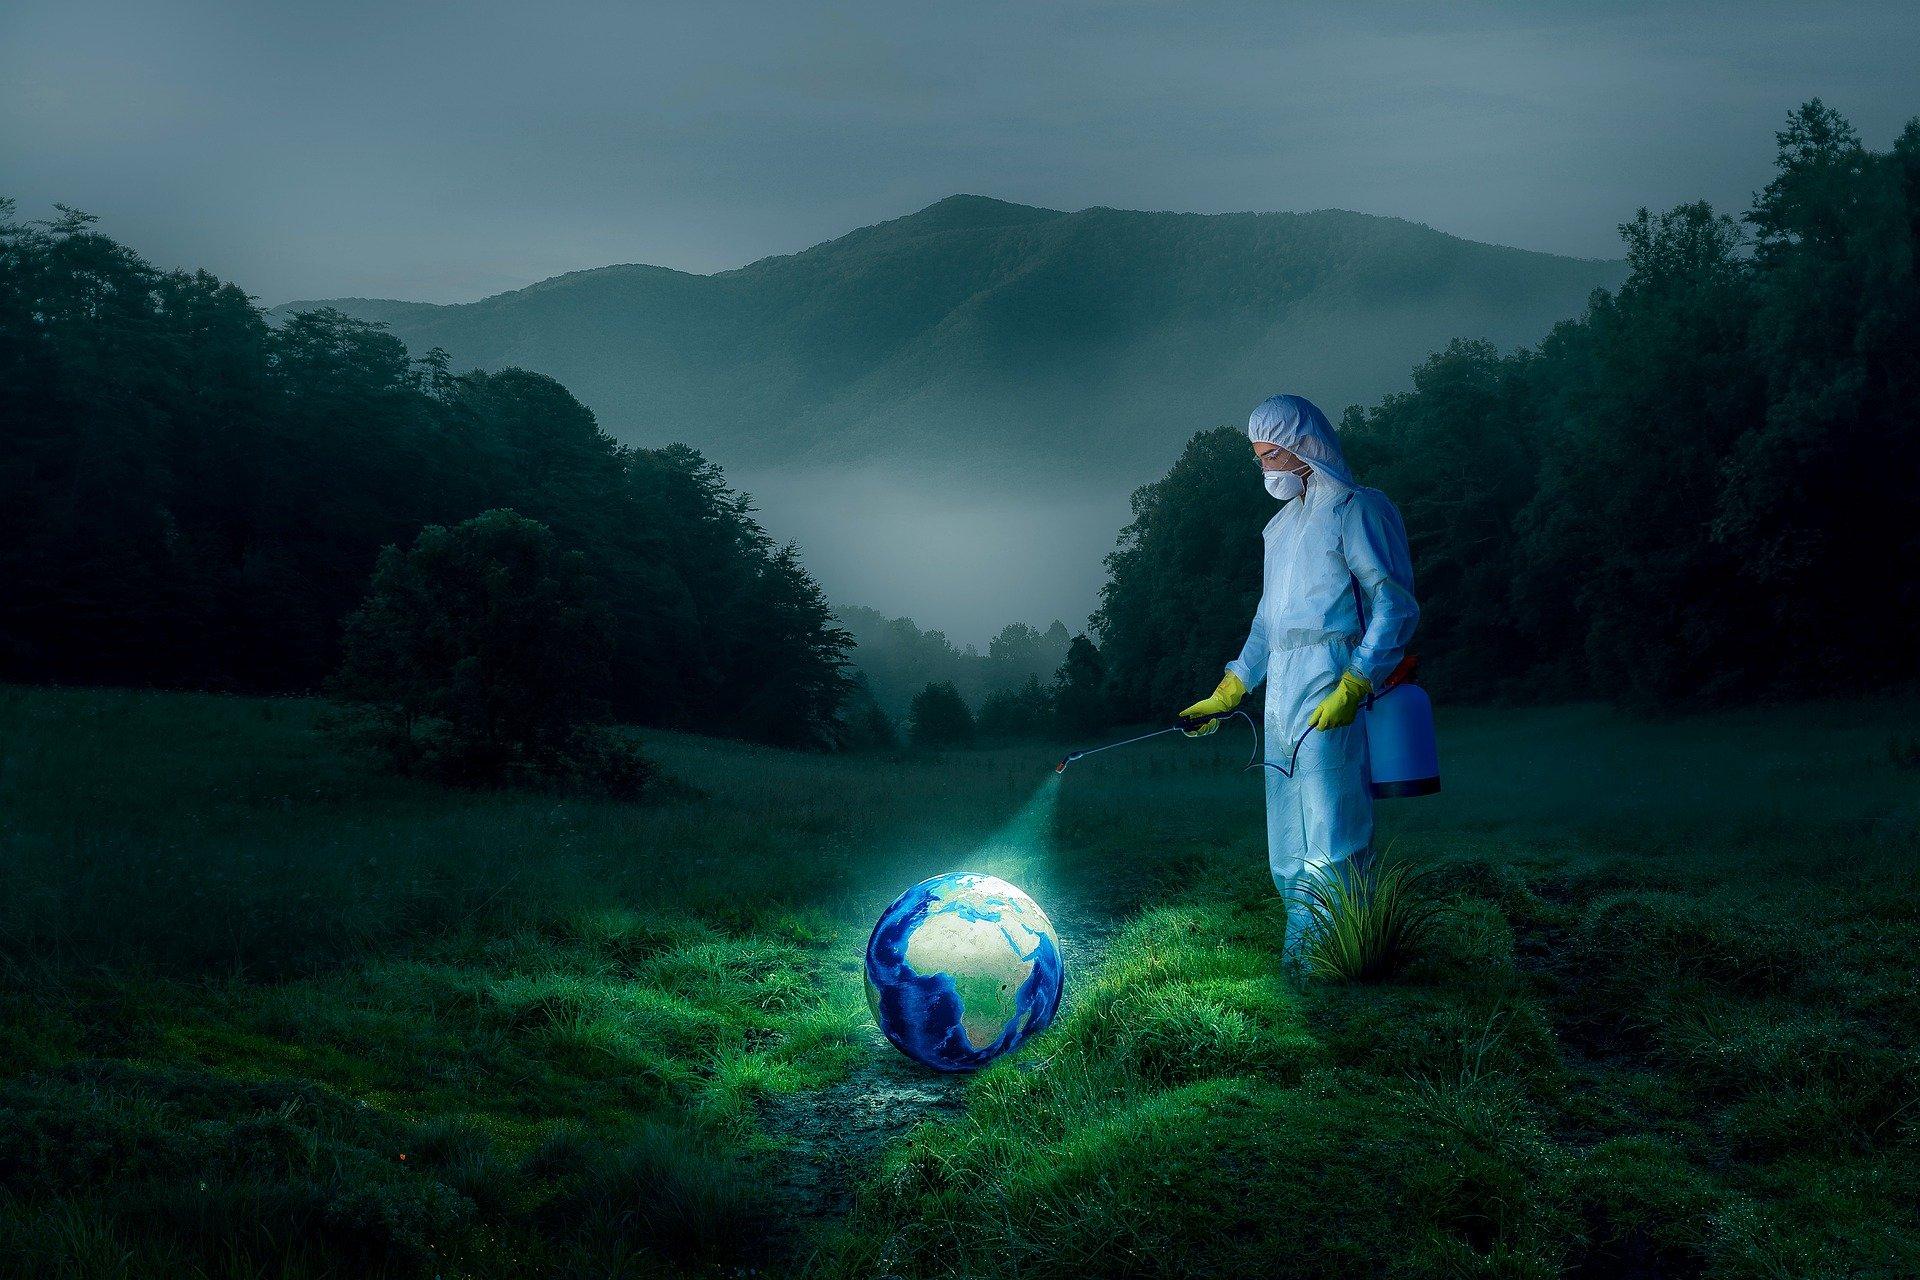 地球を消毒する白装束の男